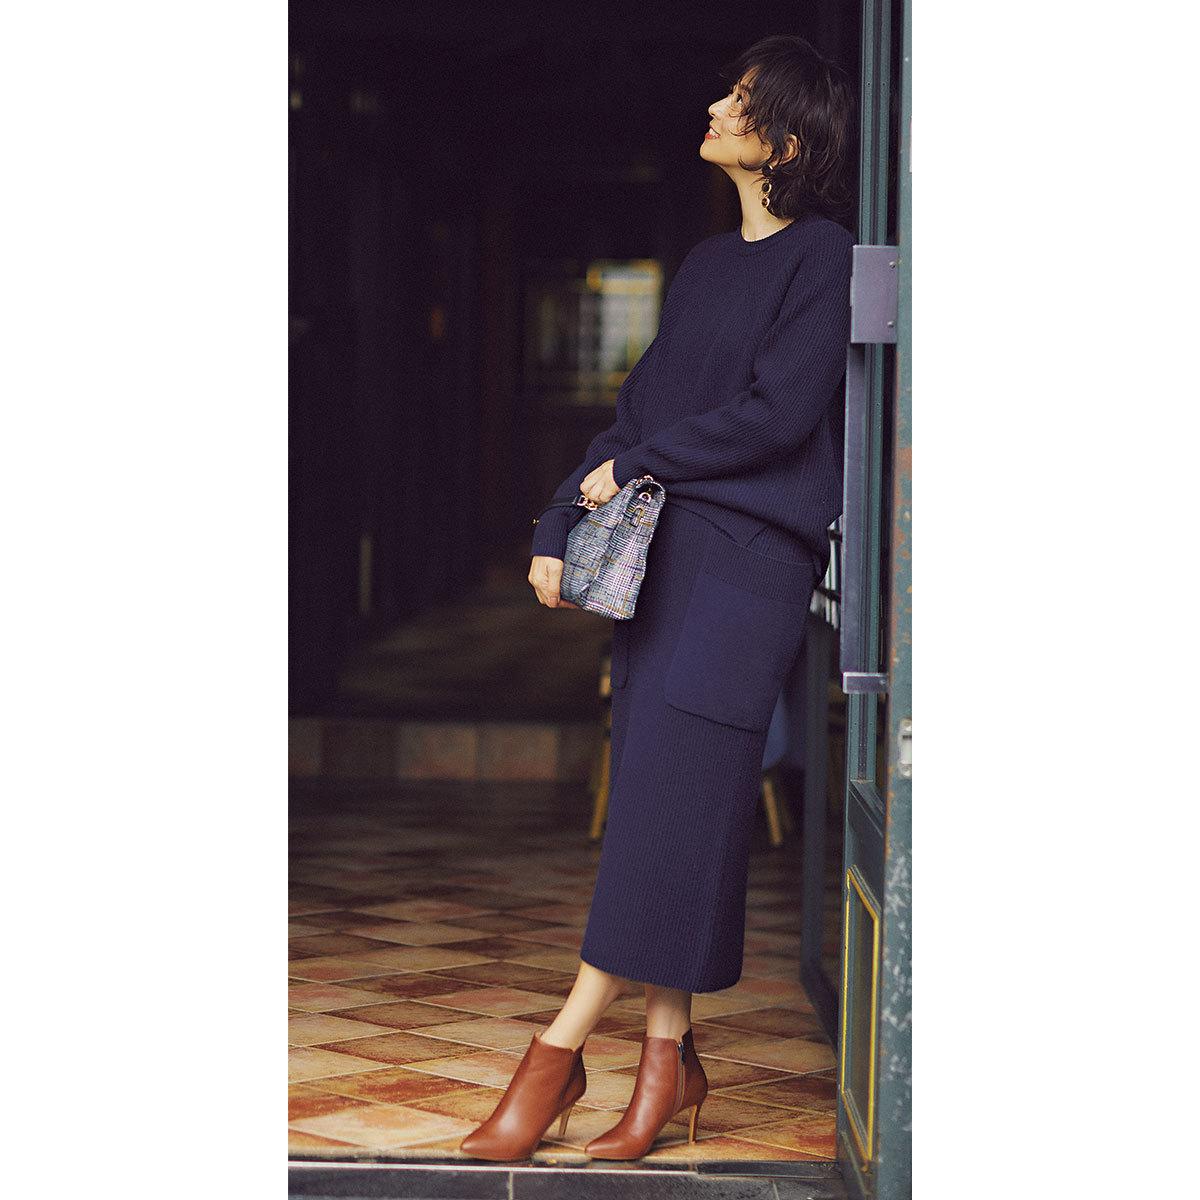 ニット×タイトスカートのセットアップコーデを着たモデルの五明祐子さん